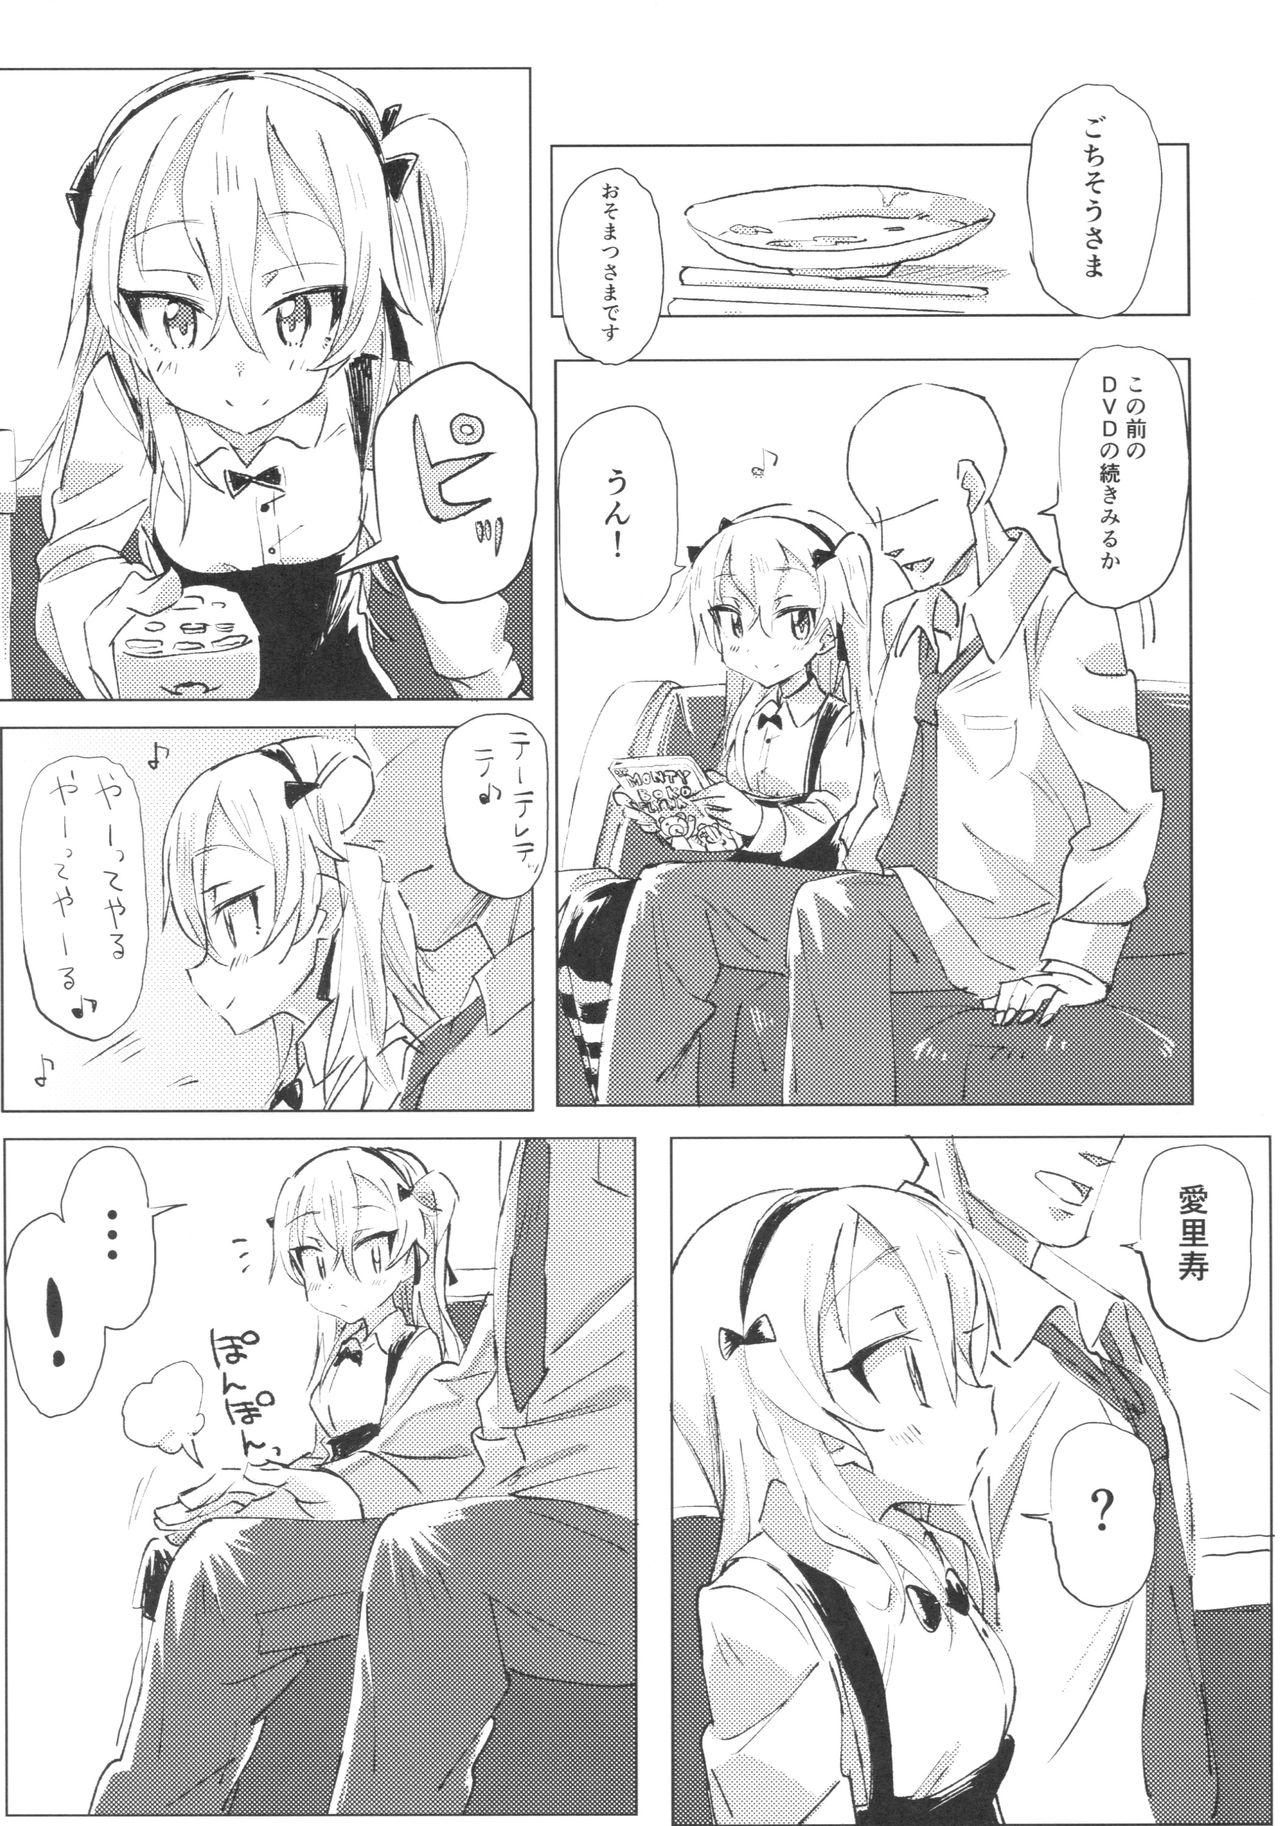 Shimada Arisu to Tappuri Amaama Ichaicha Love love Shite Chottodake Sex suru Atsui Hon 7